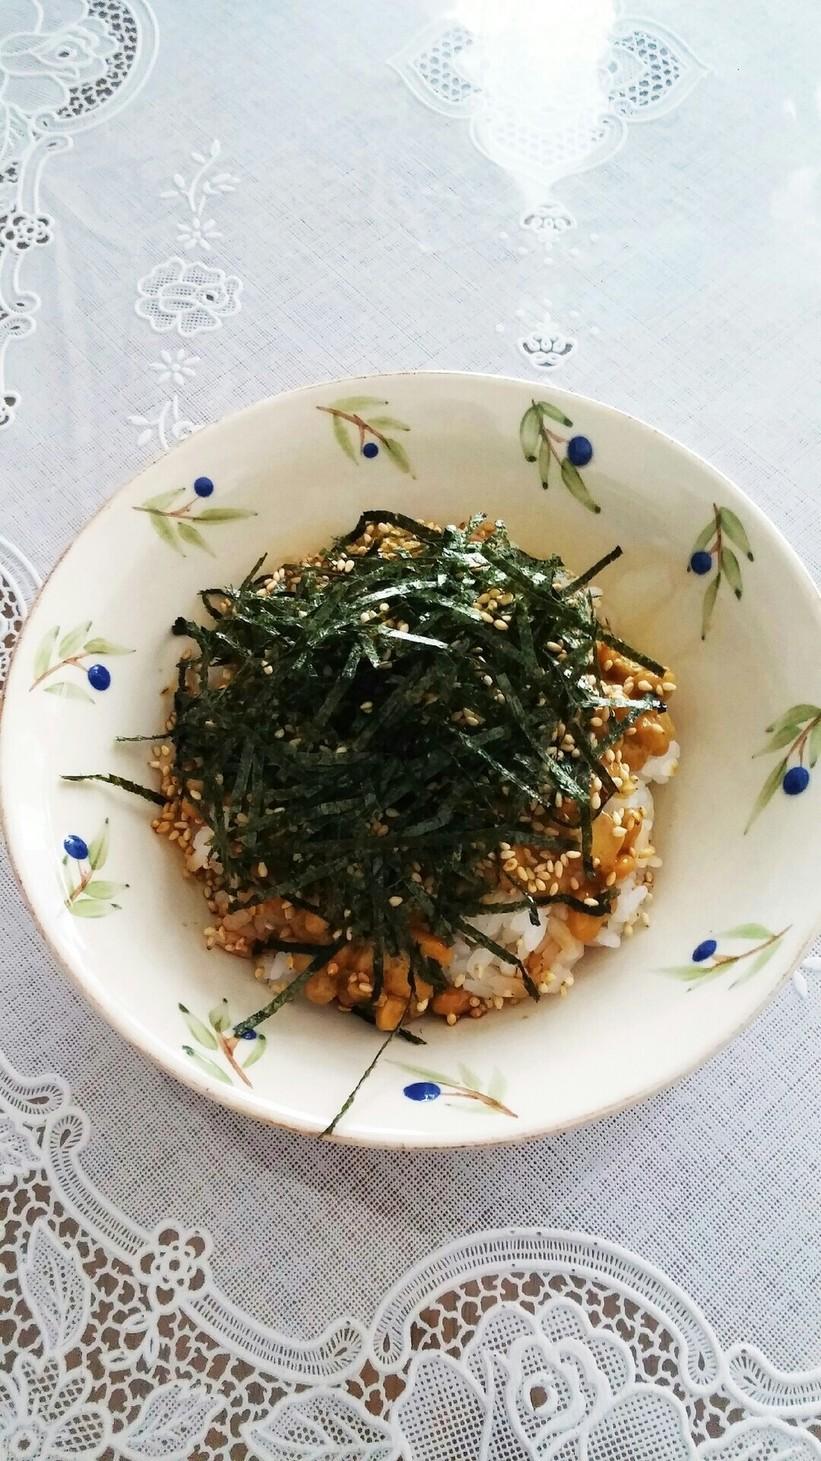 私のお気に入り☆納豆ご飯にチョイ足し!